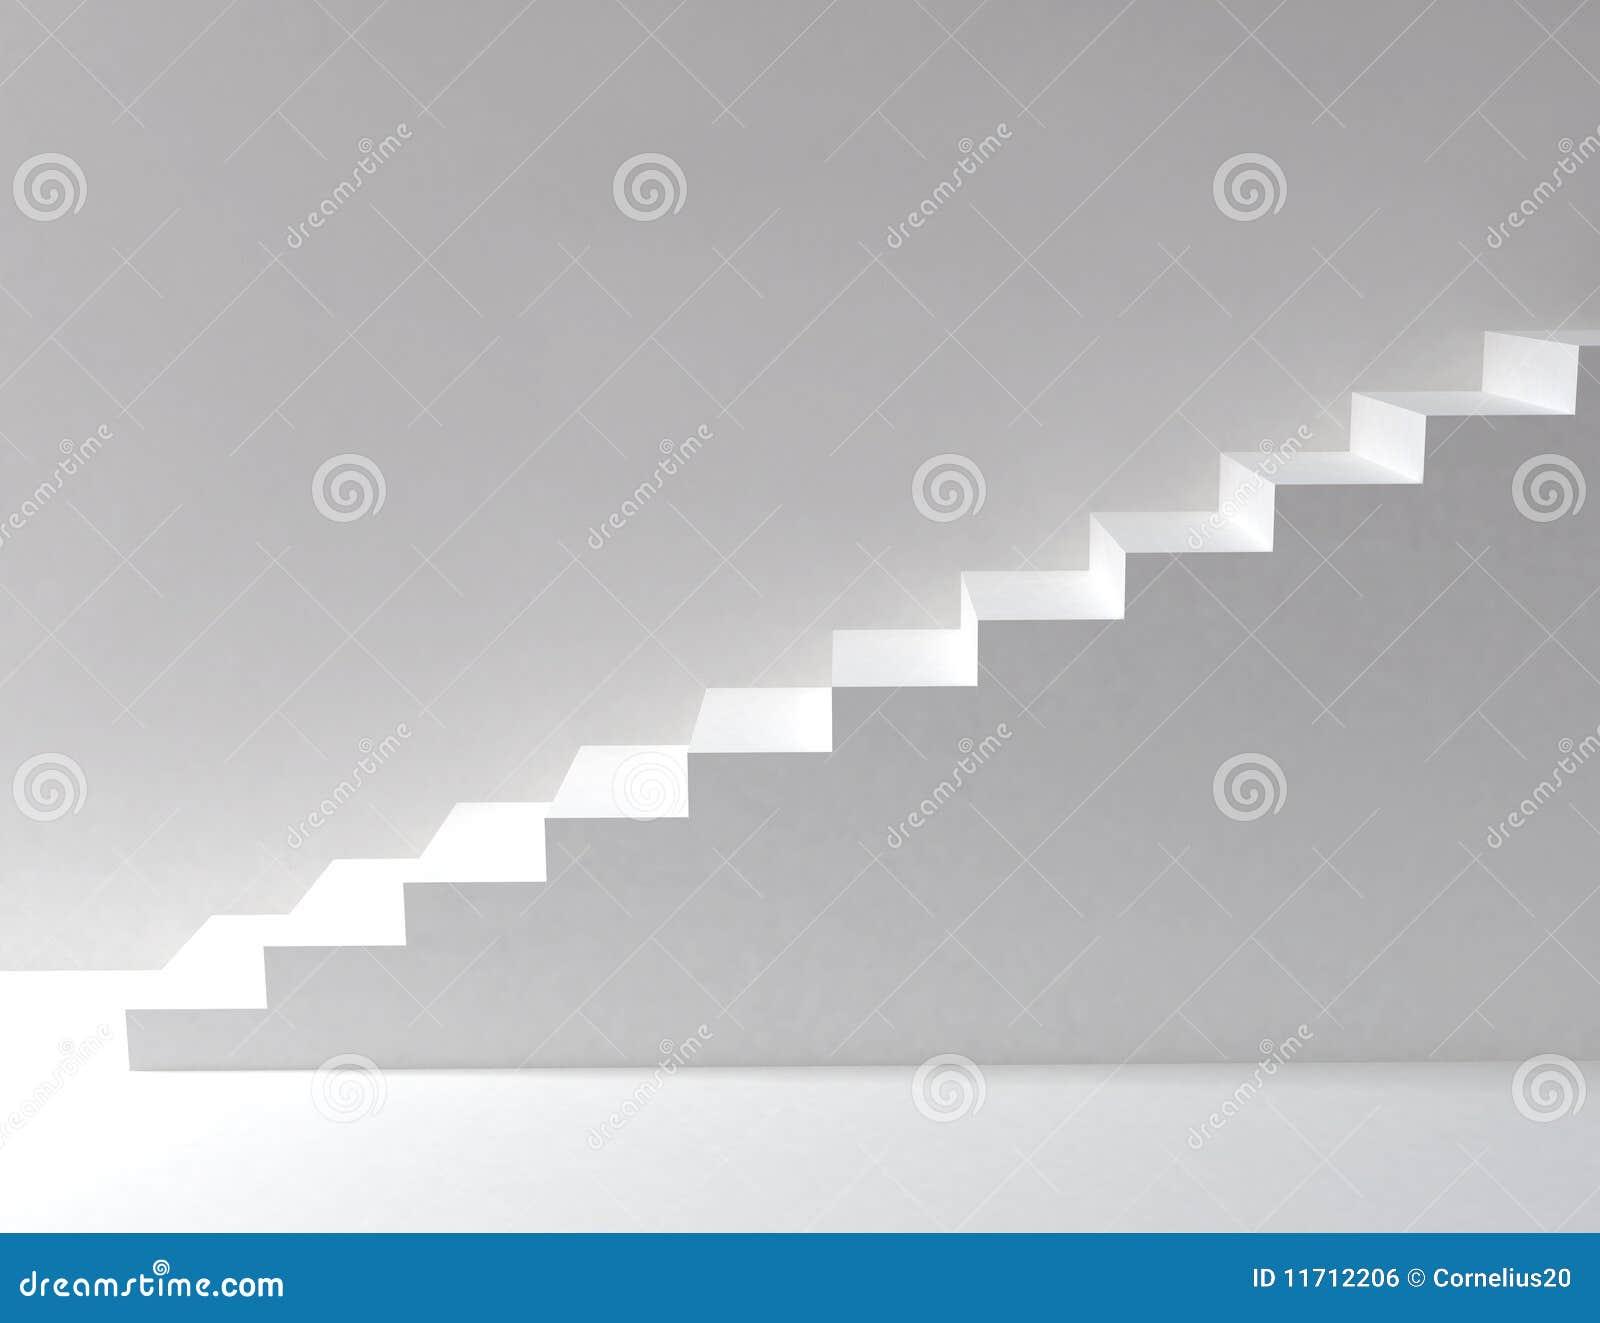 Escaleras blancas imagen de archivo libre de regal as - Escaleras blancas ...